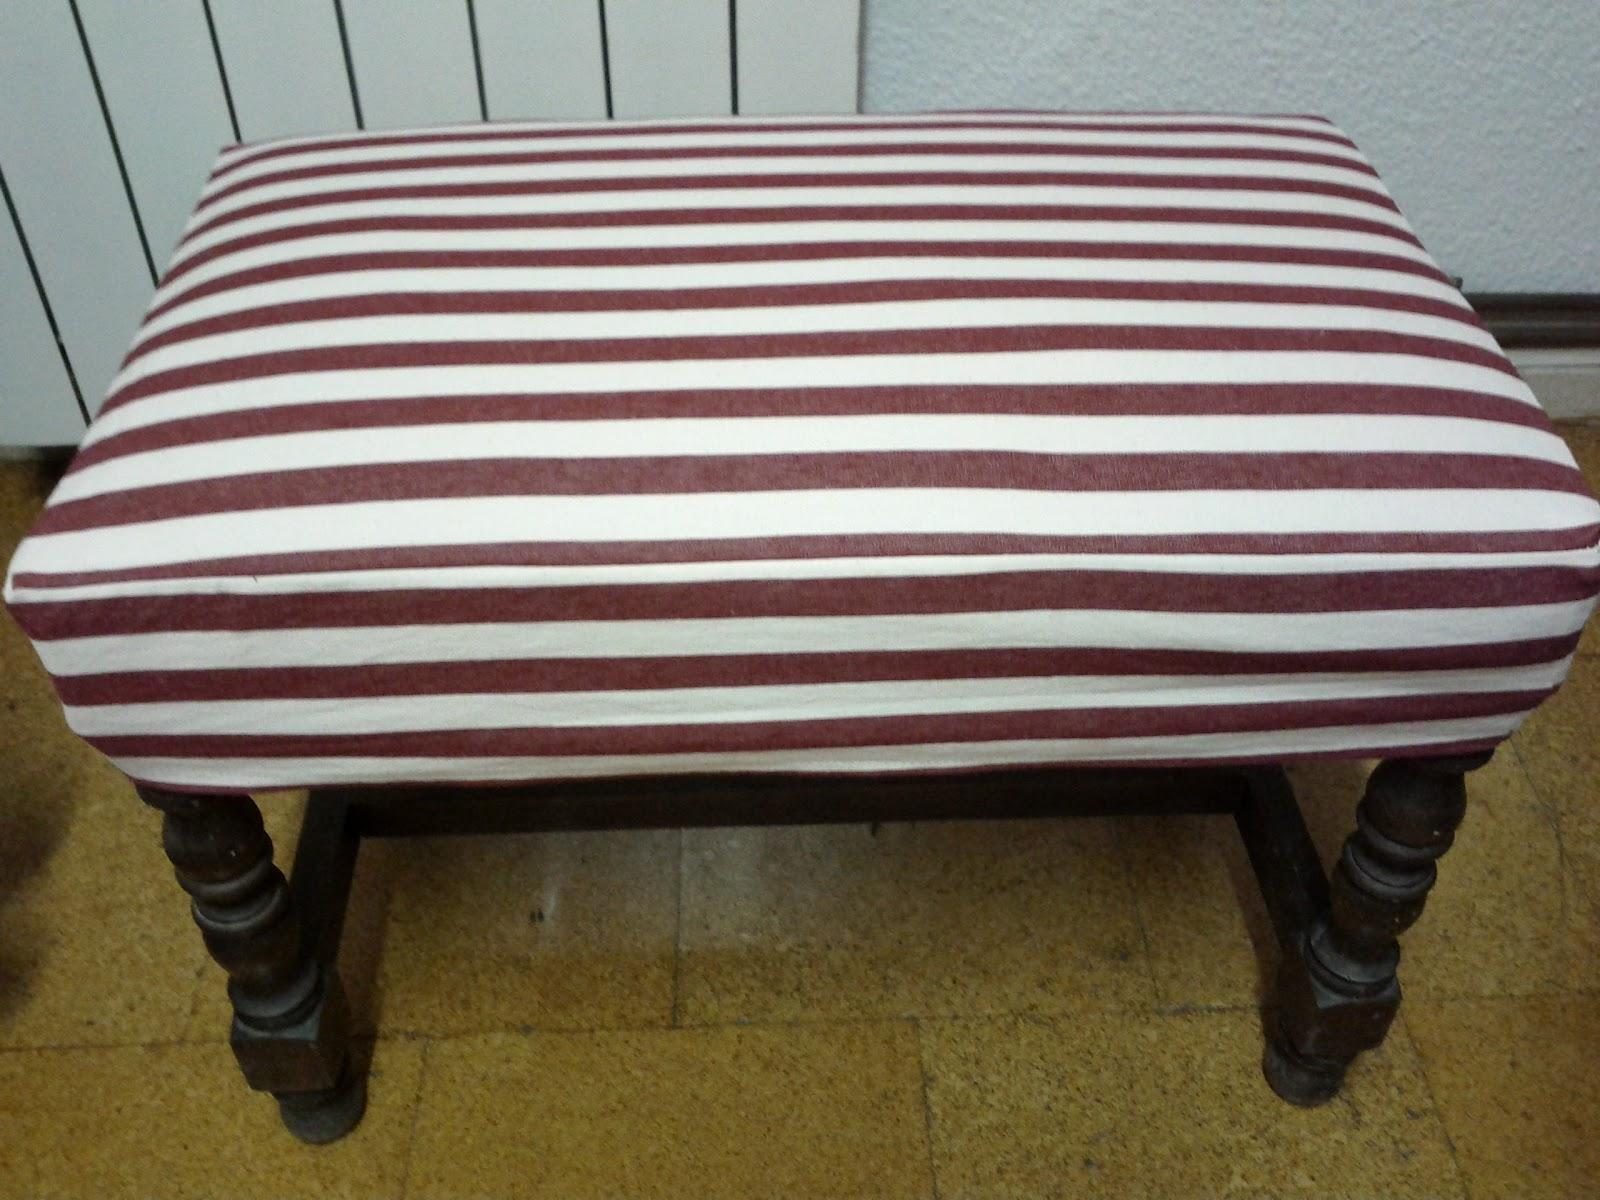 Un mar de coses restaurando un taburete pie de cama for Taburete pie de cama